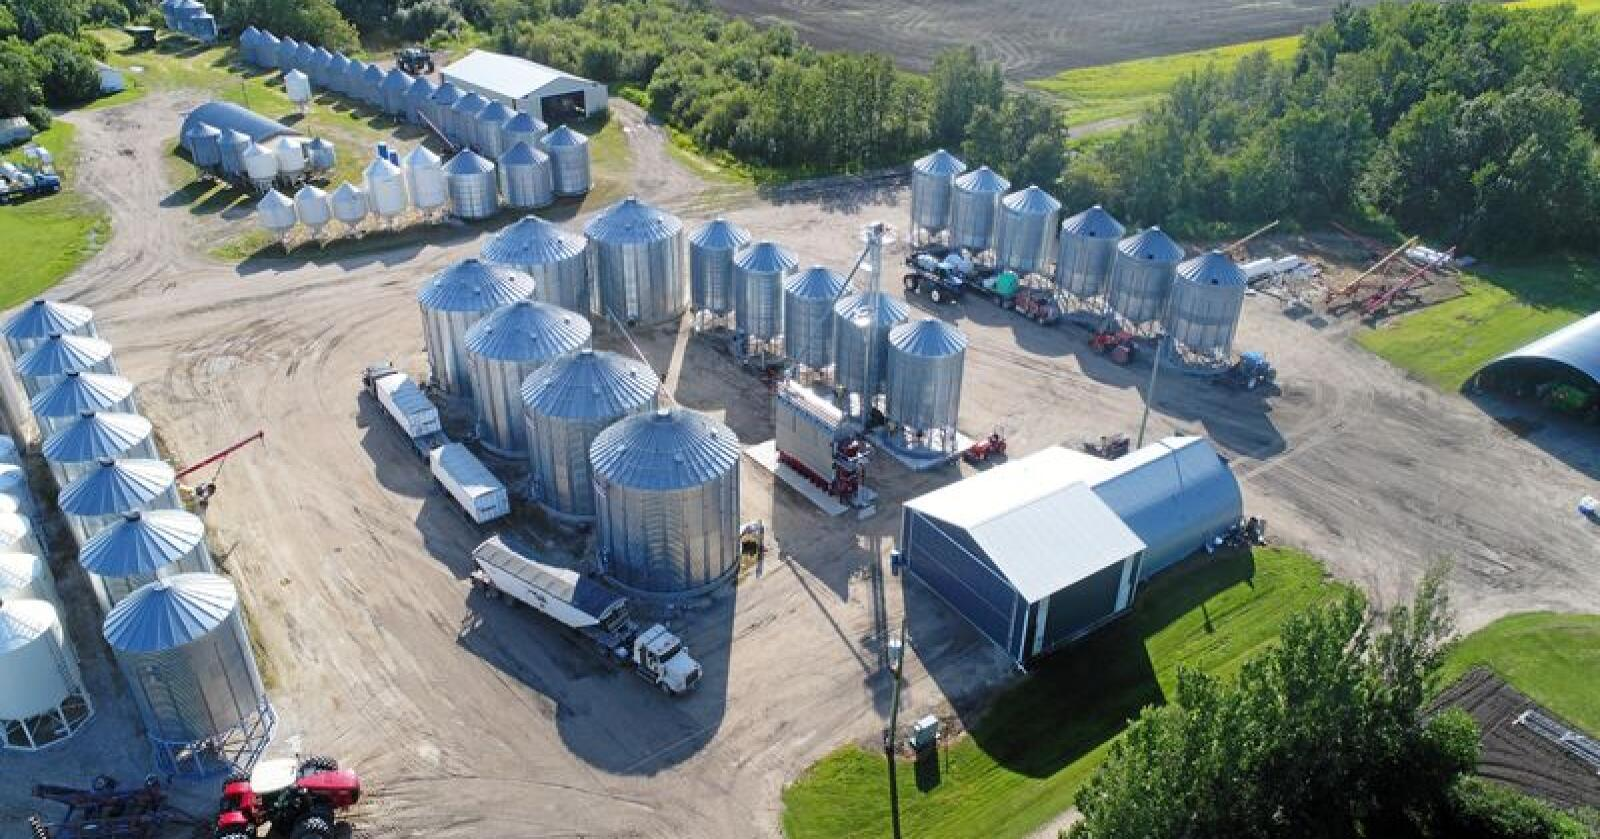 """Landbrukseiendommen """"The Pas"""" består av tre ulike gårdsbruk som kom på markedet samtidig. Foto: Darren Sander"""